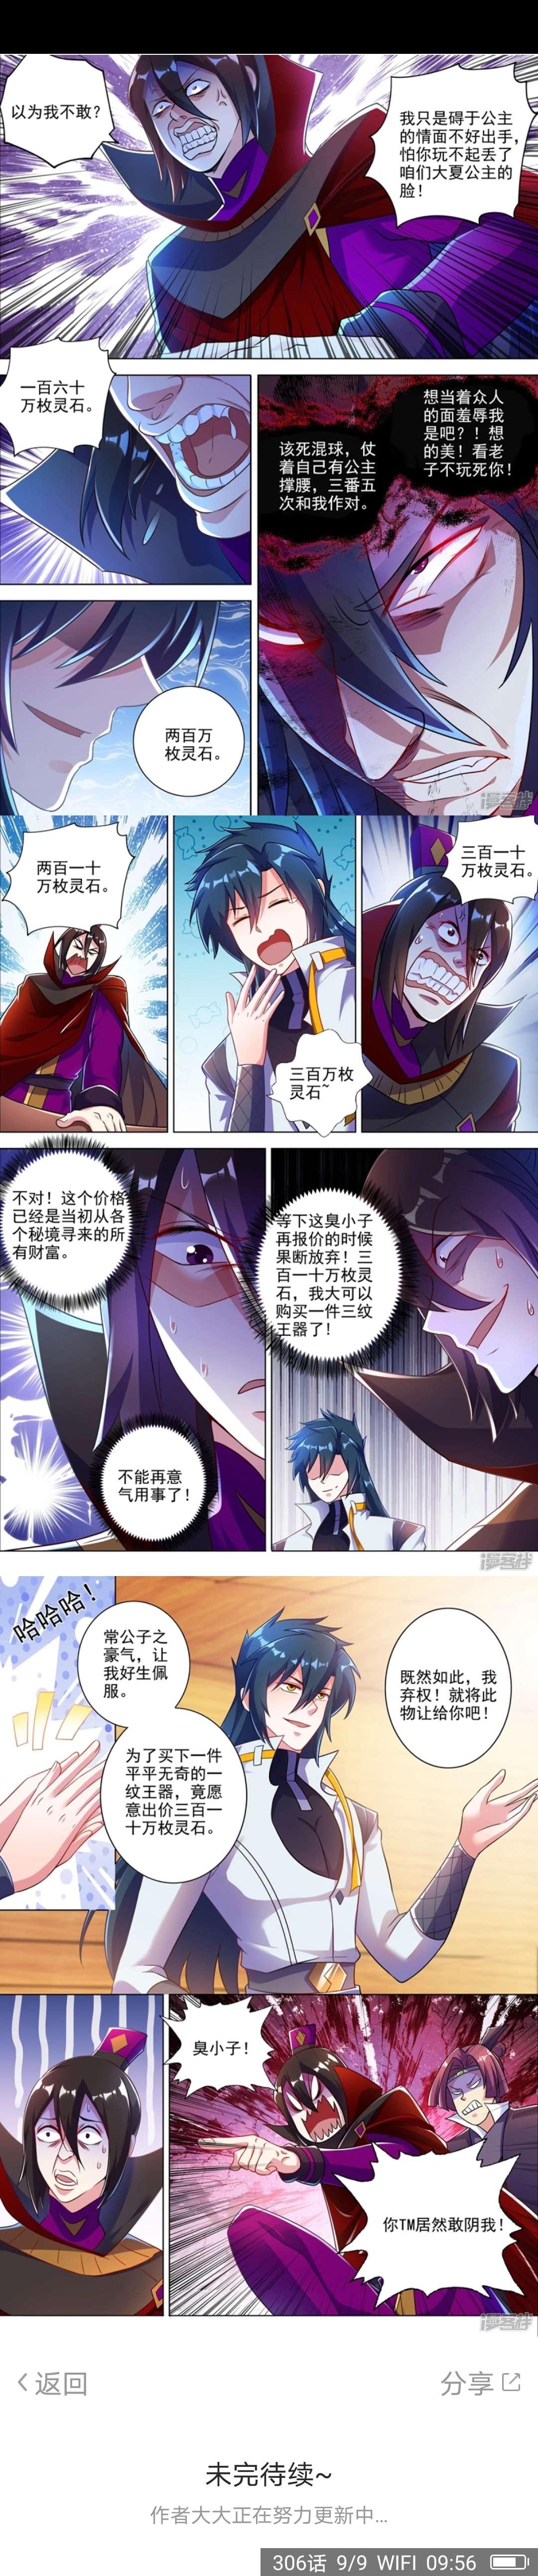 【漫画更新】灵剑尊  第306话